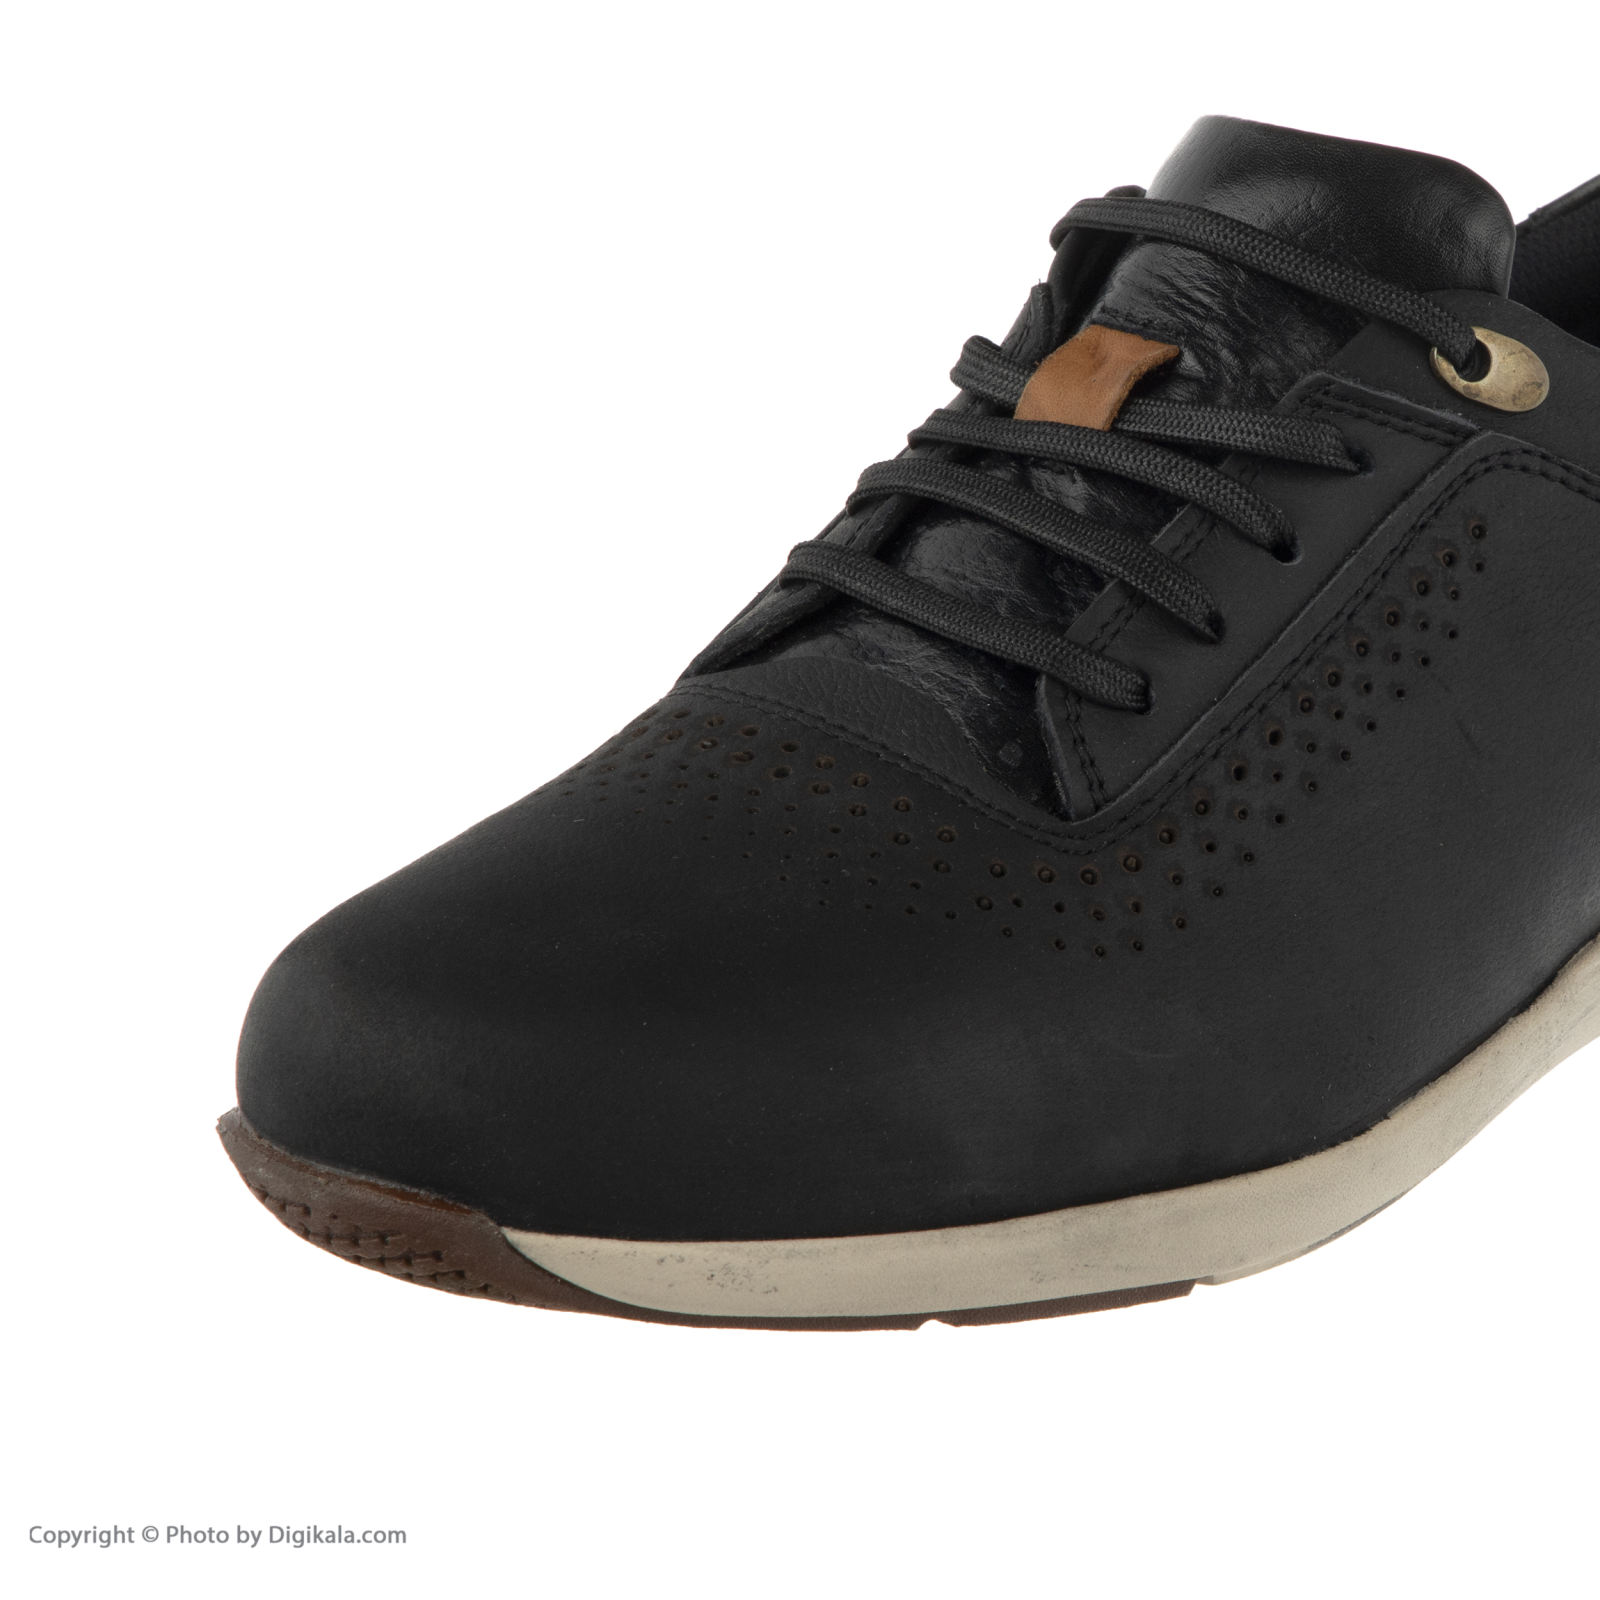 کفش روزمره مردانه سوته مدل 5037A503101 -  - 8